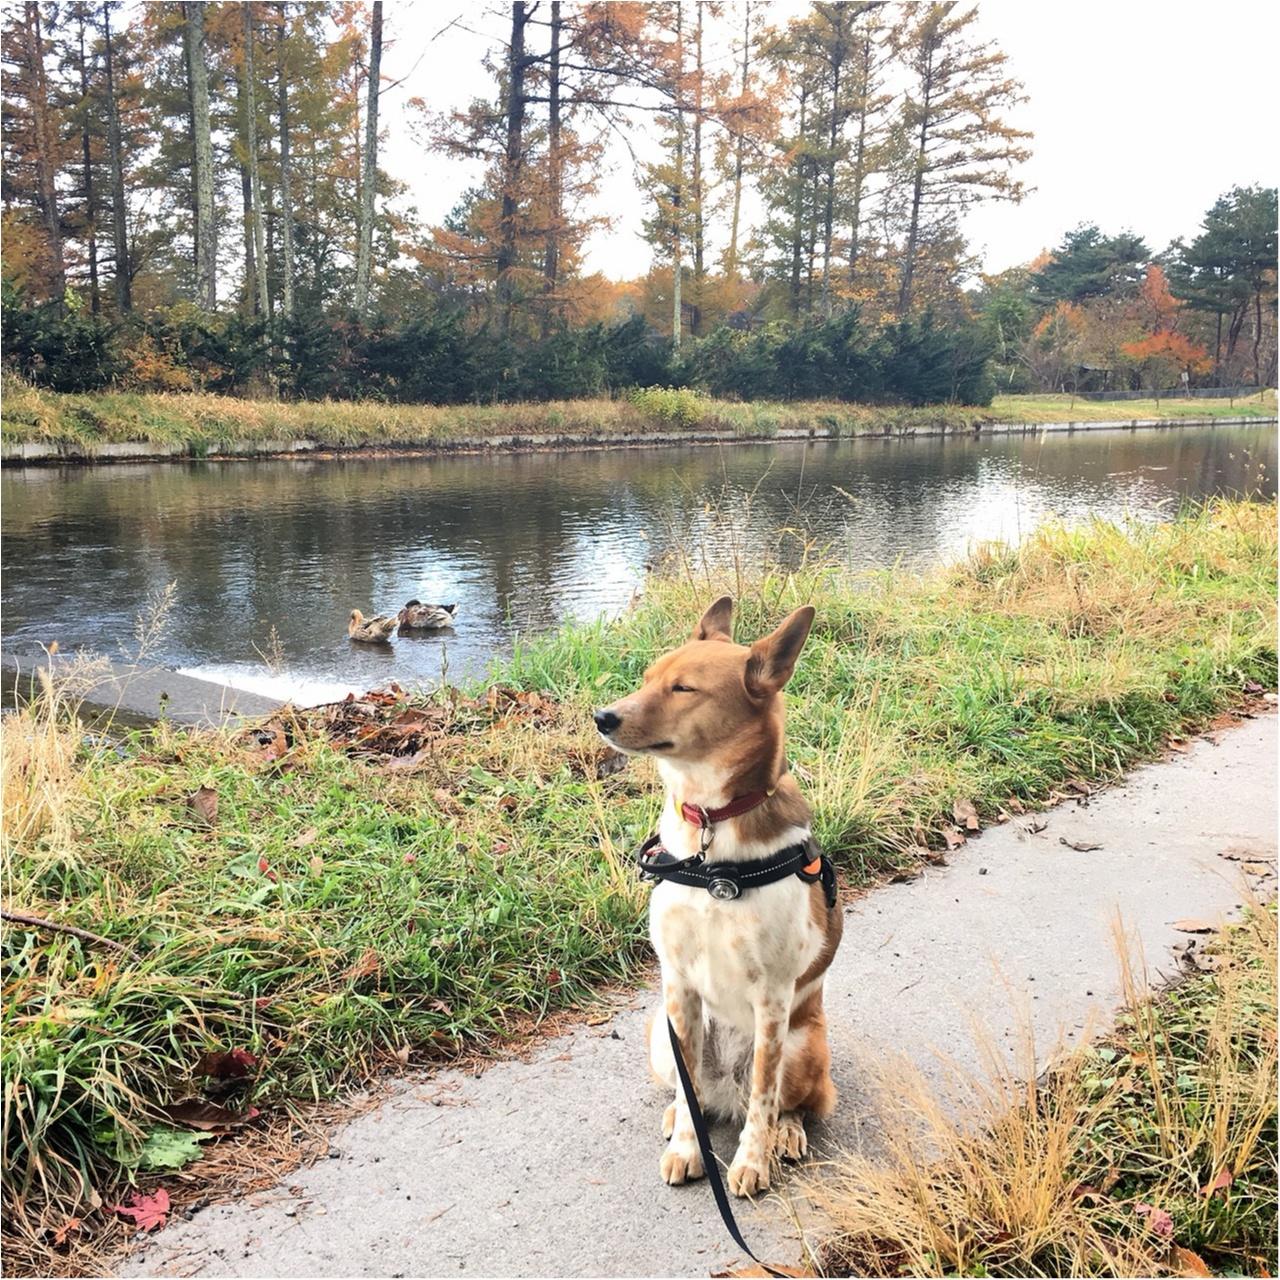 【今日のわんこ】自然の美しさにうっとり♡ こだまちゃん軽井沢にいく!_1